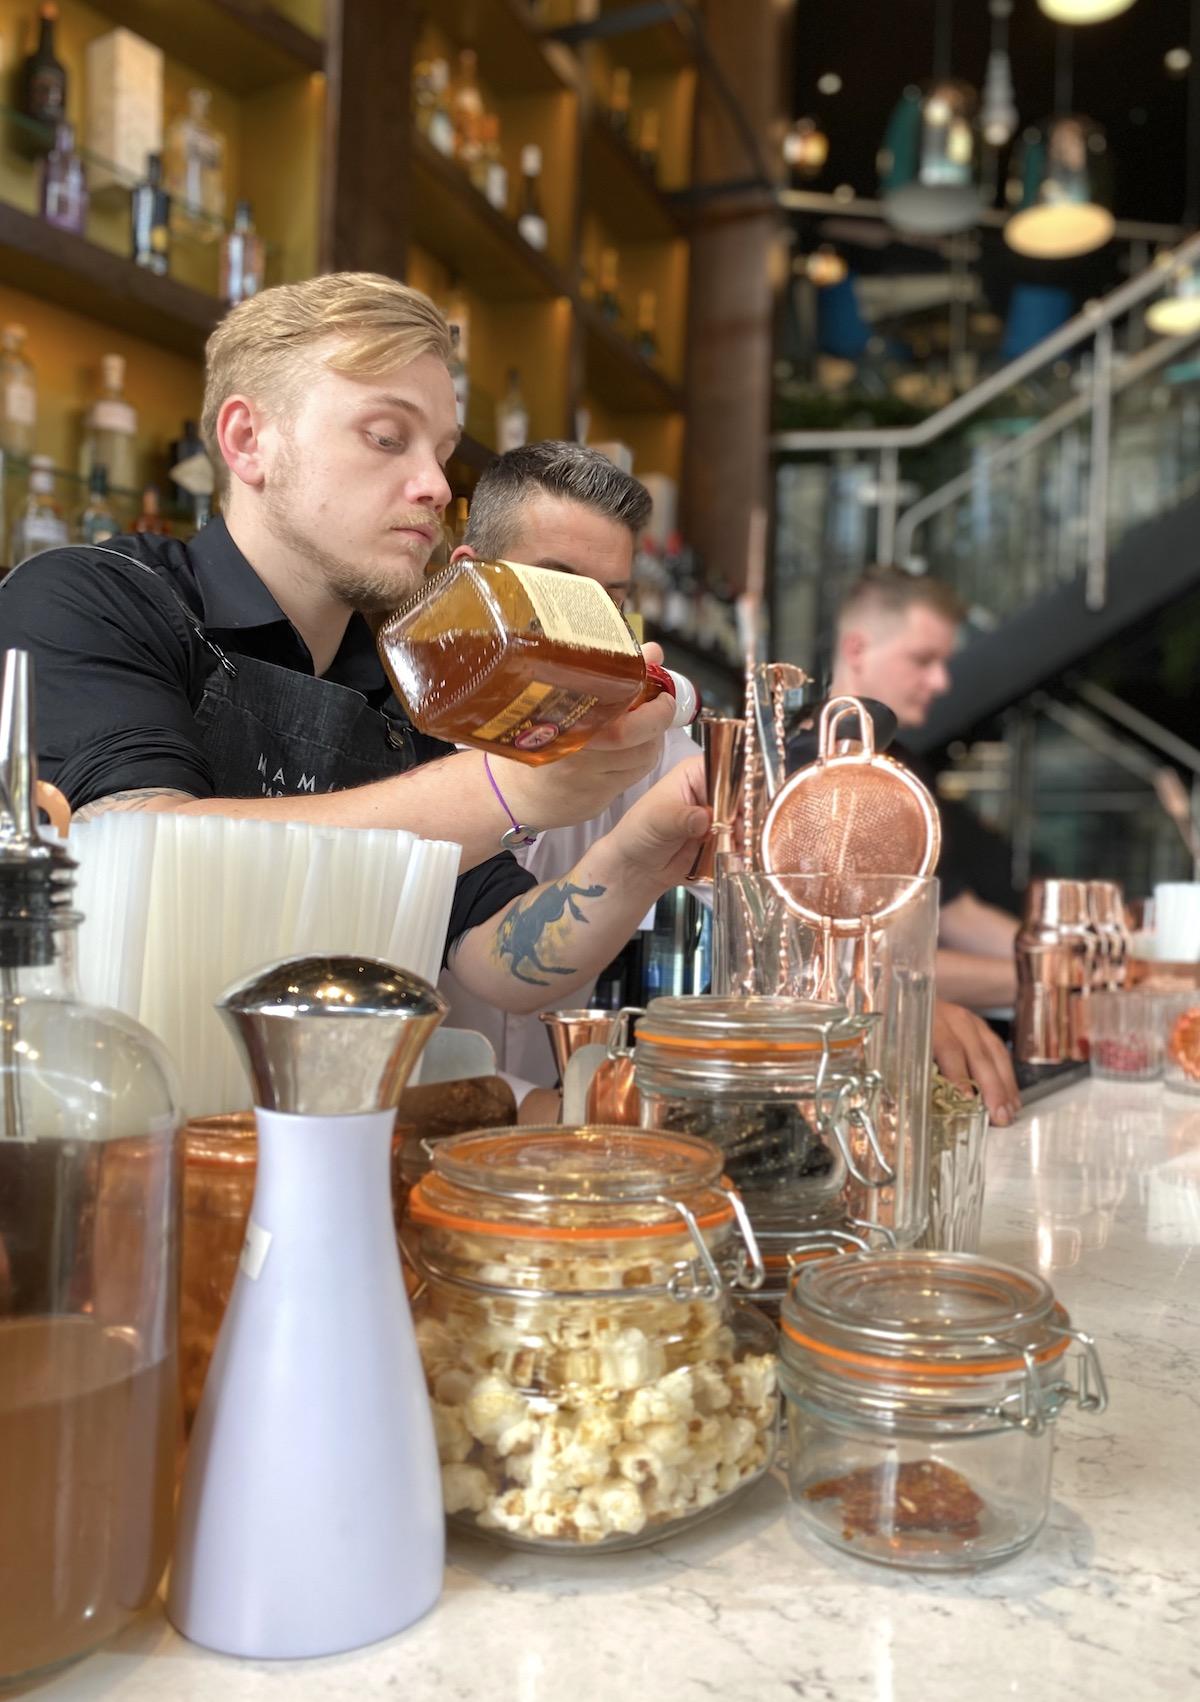 mamasan glasgow bar cocktail making